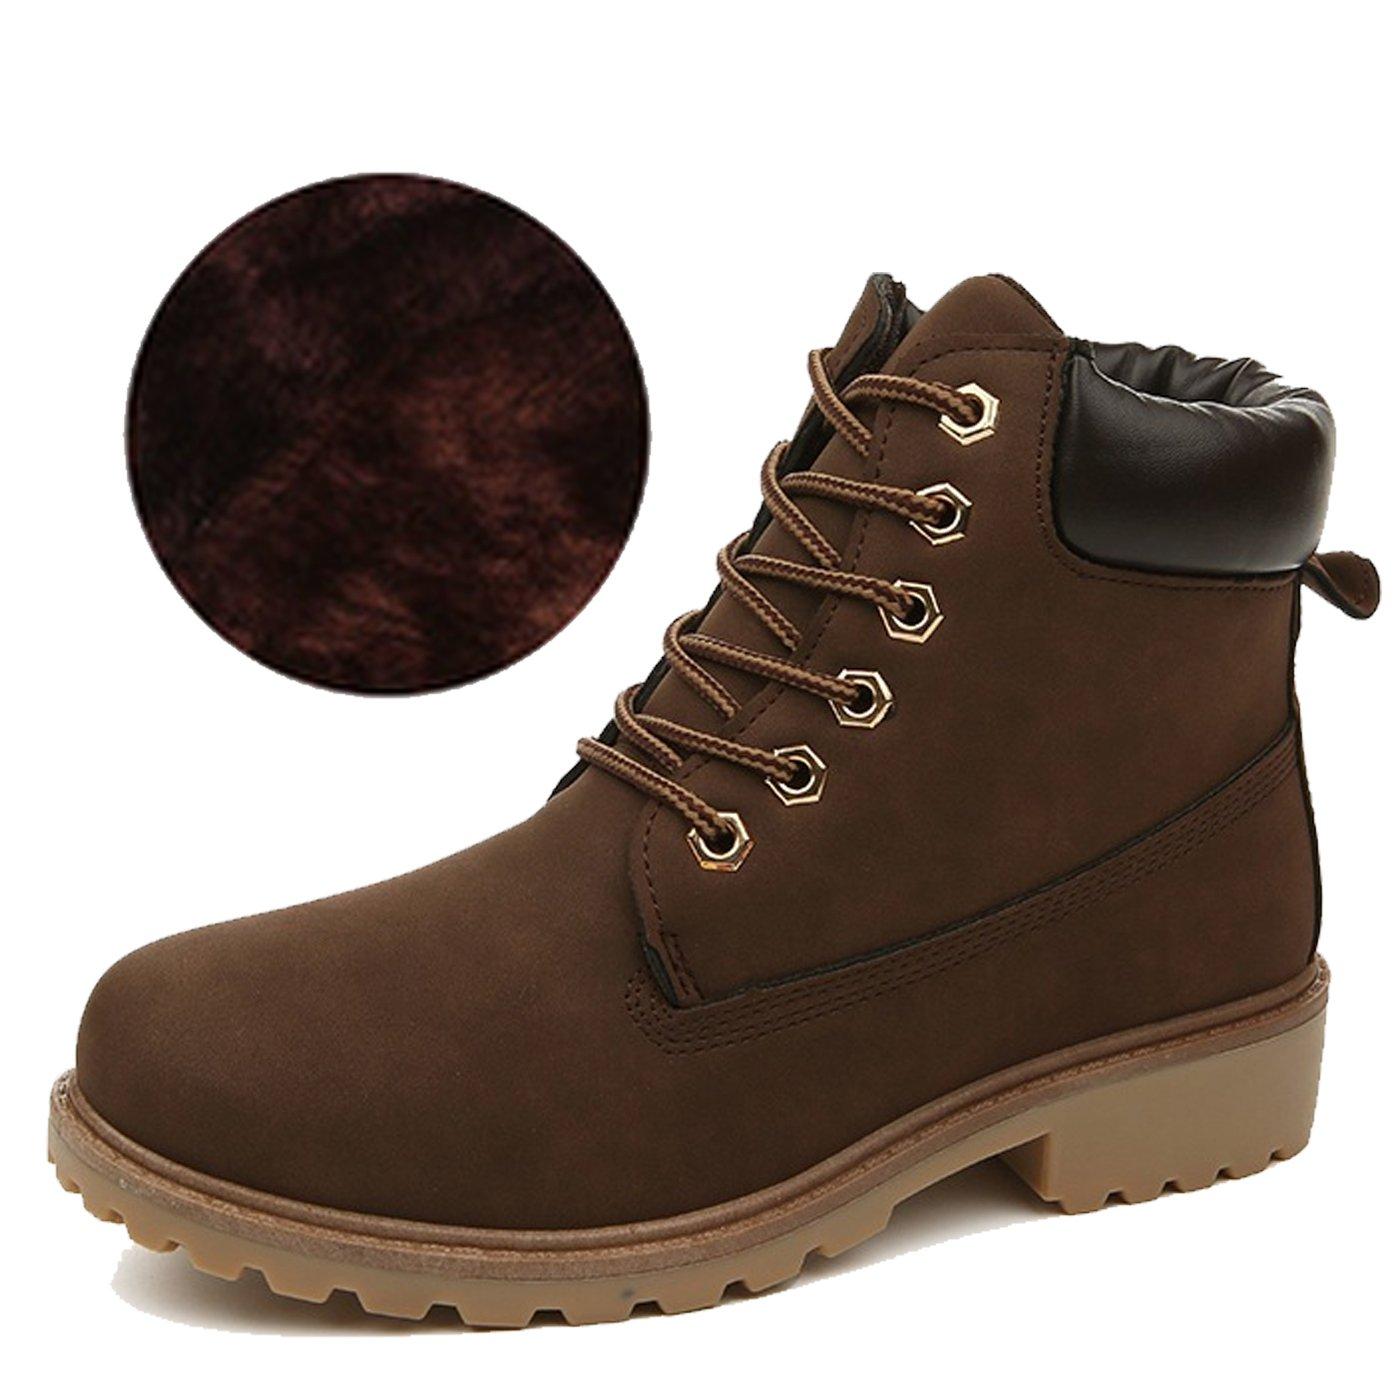 CHNHIRA Martin de Boots Bottes Laine Bottes Boots de Femme Cheval Chaussures de Randonnée Couples Chaussure Montantes Femme Brun F 312d974 - deadsea.space